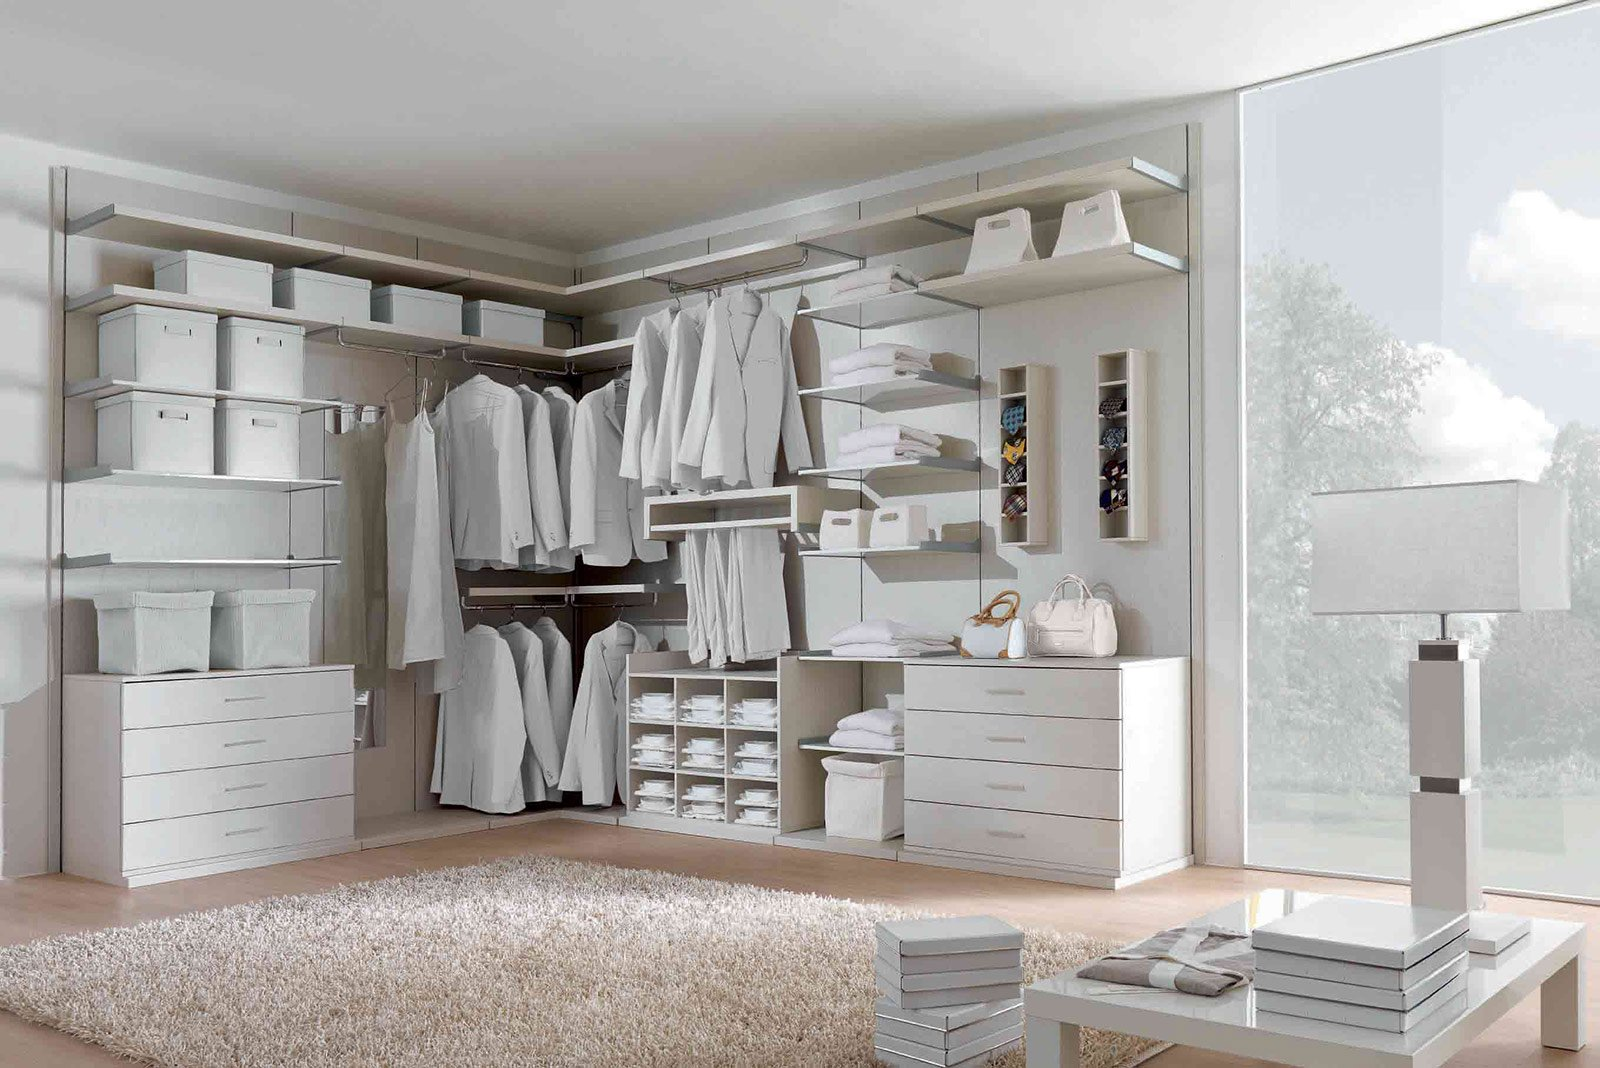 Cabine armadio progettiamo insieme lo spazio cose di casa - Ikea cabine armadio ...